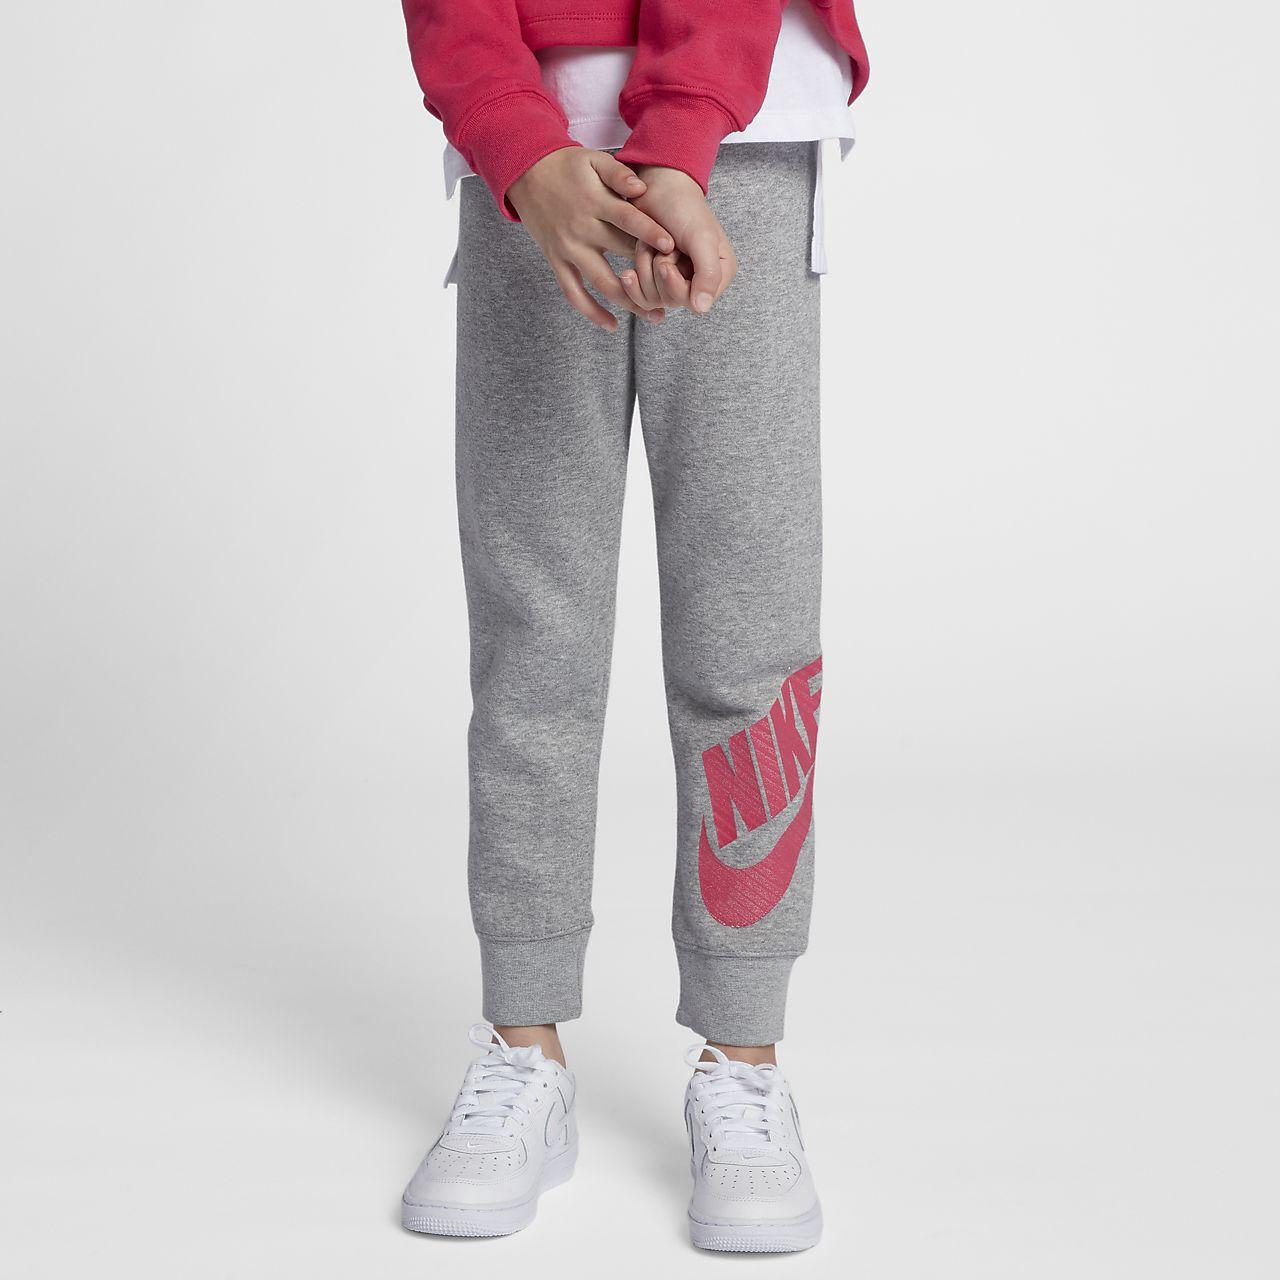 Παντελόνι φόρμας Nike Sportswear για μικρά παιδιά